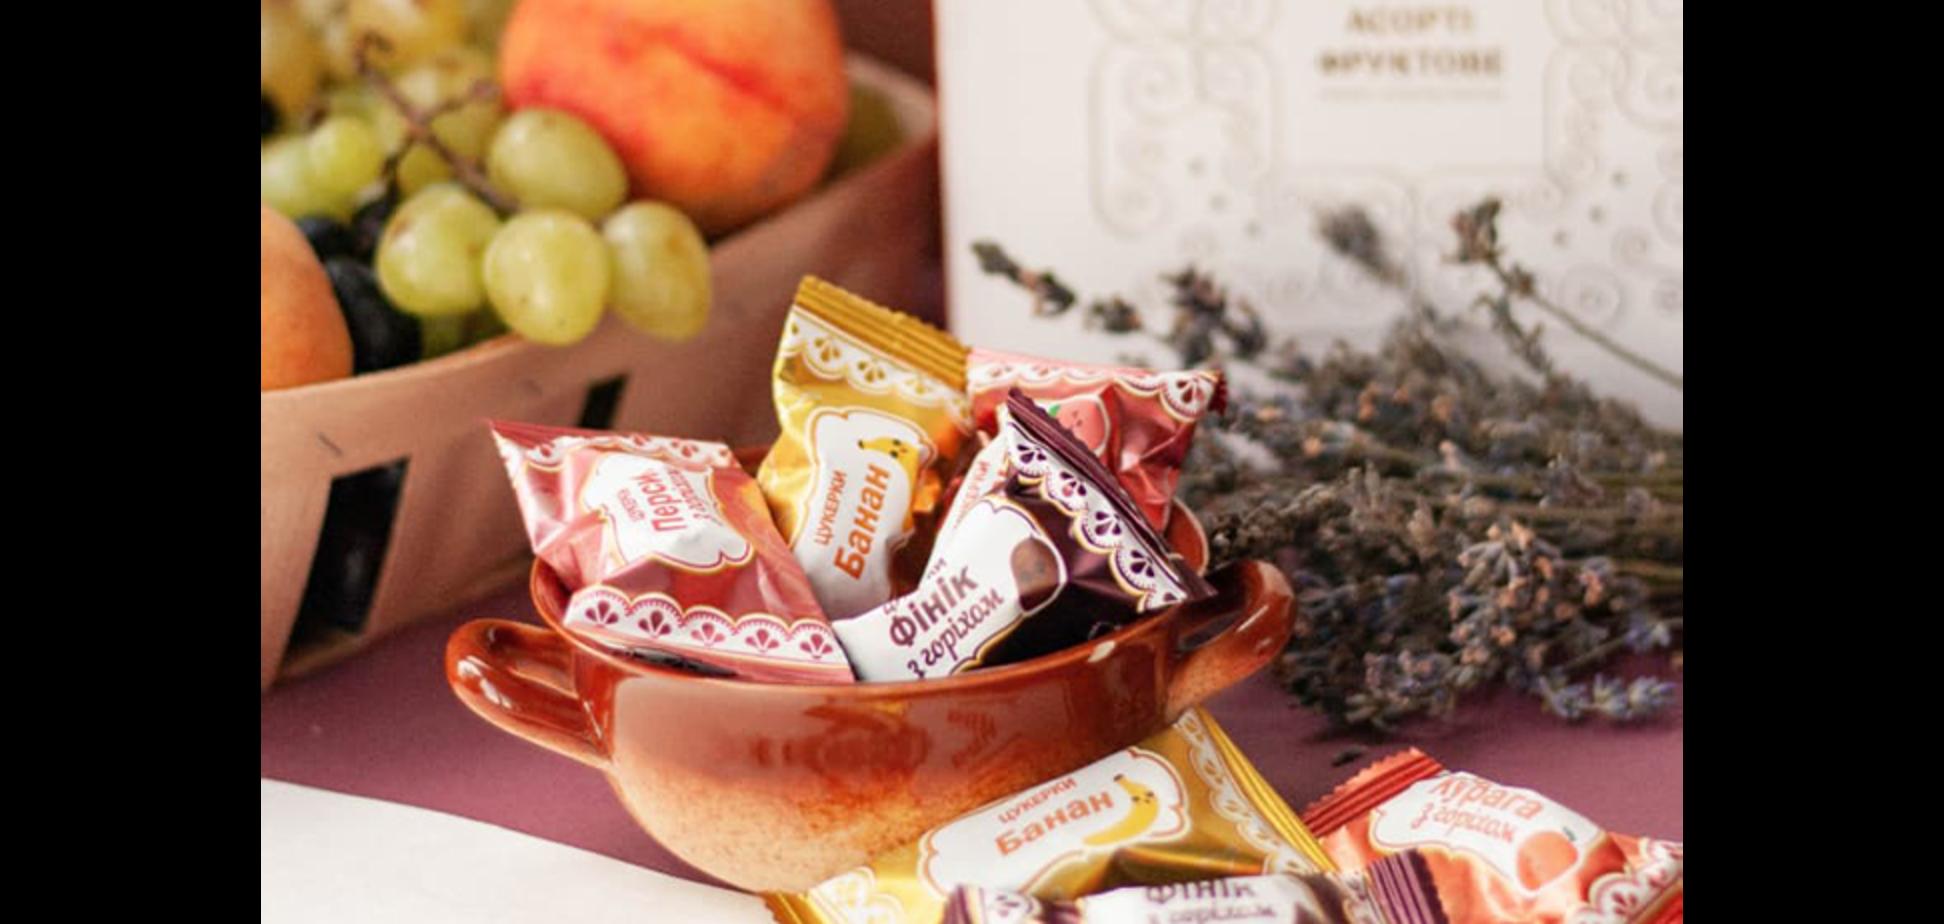 'Пригощайся' предлагает более четырех десятков видов конфет